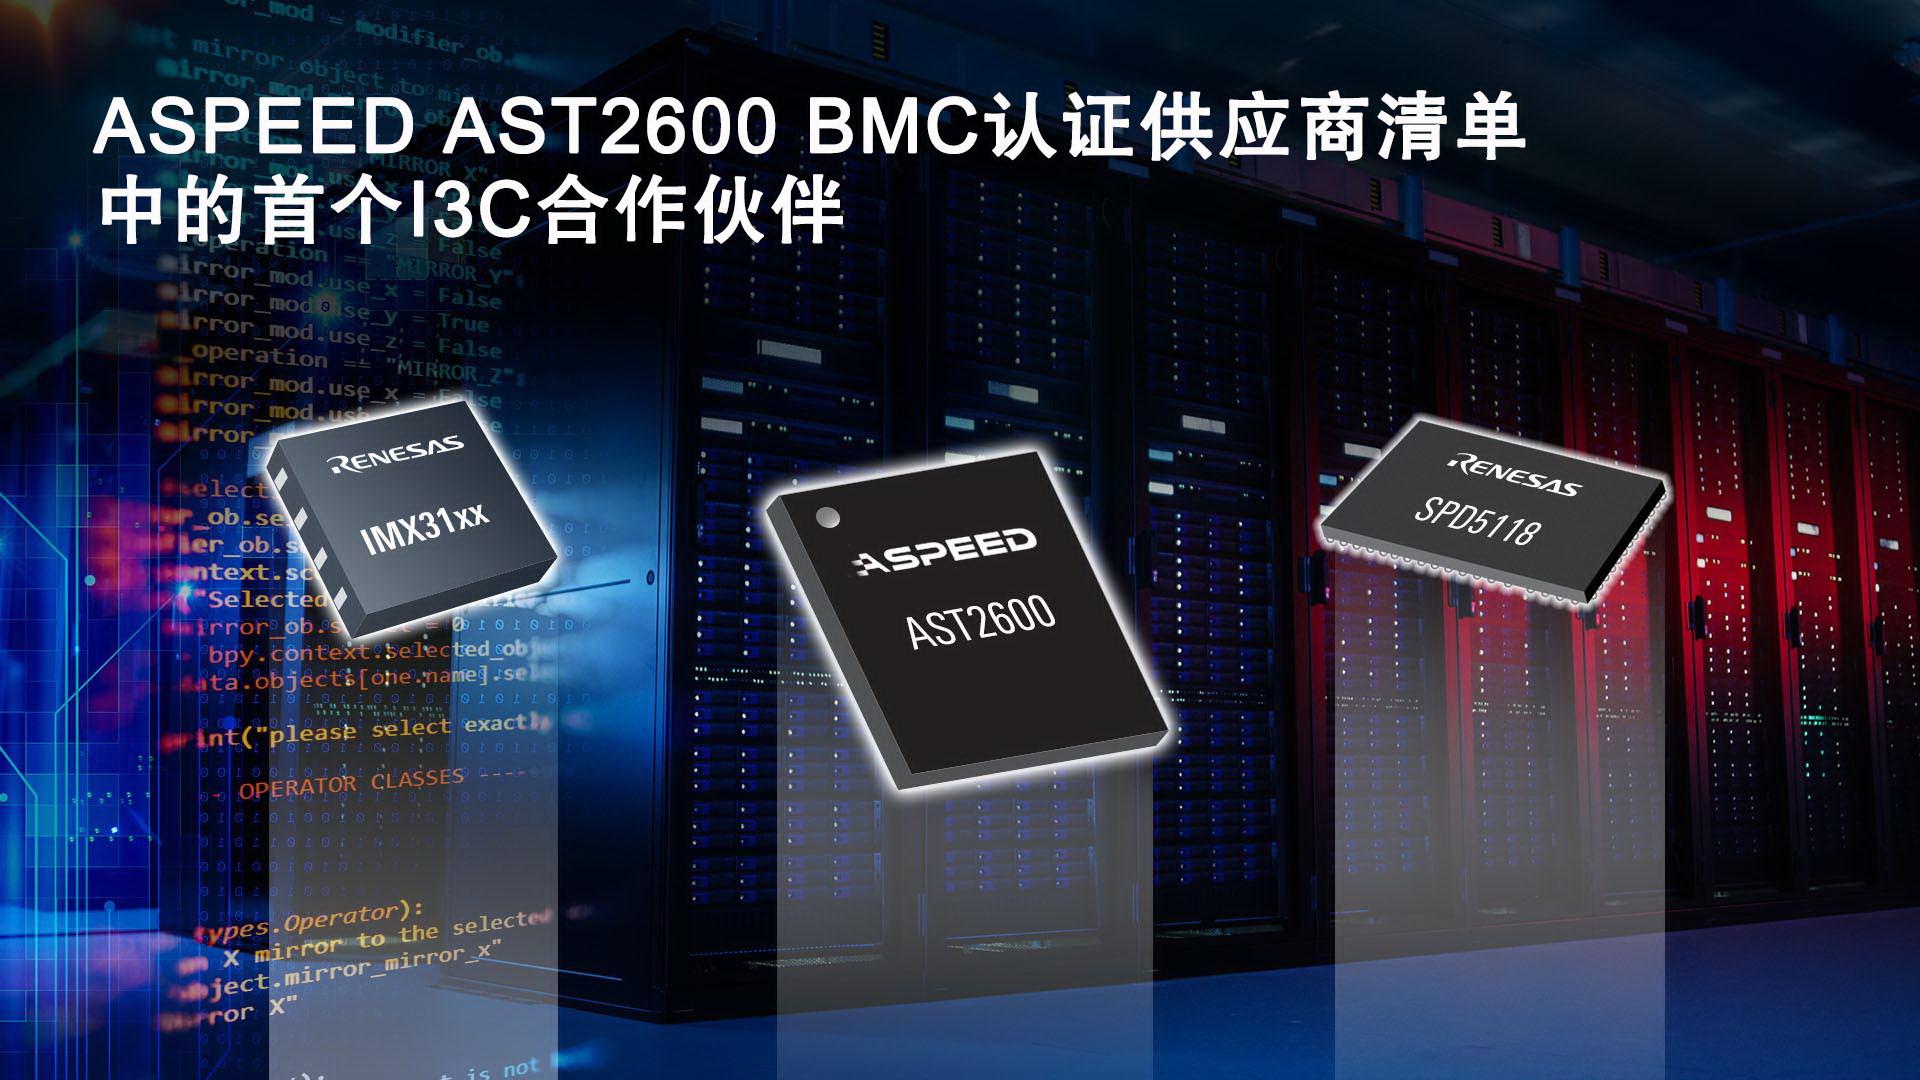 瑞萨电子I3C总线扩展和SPD集线器产品 通过ASPEED AST2600基板管理控制器认证